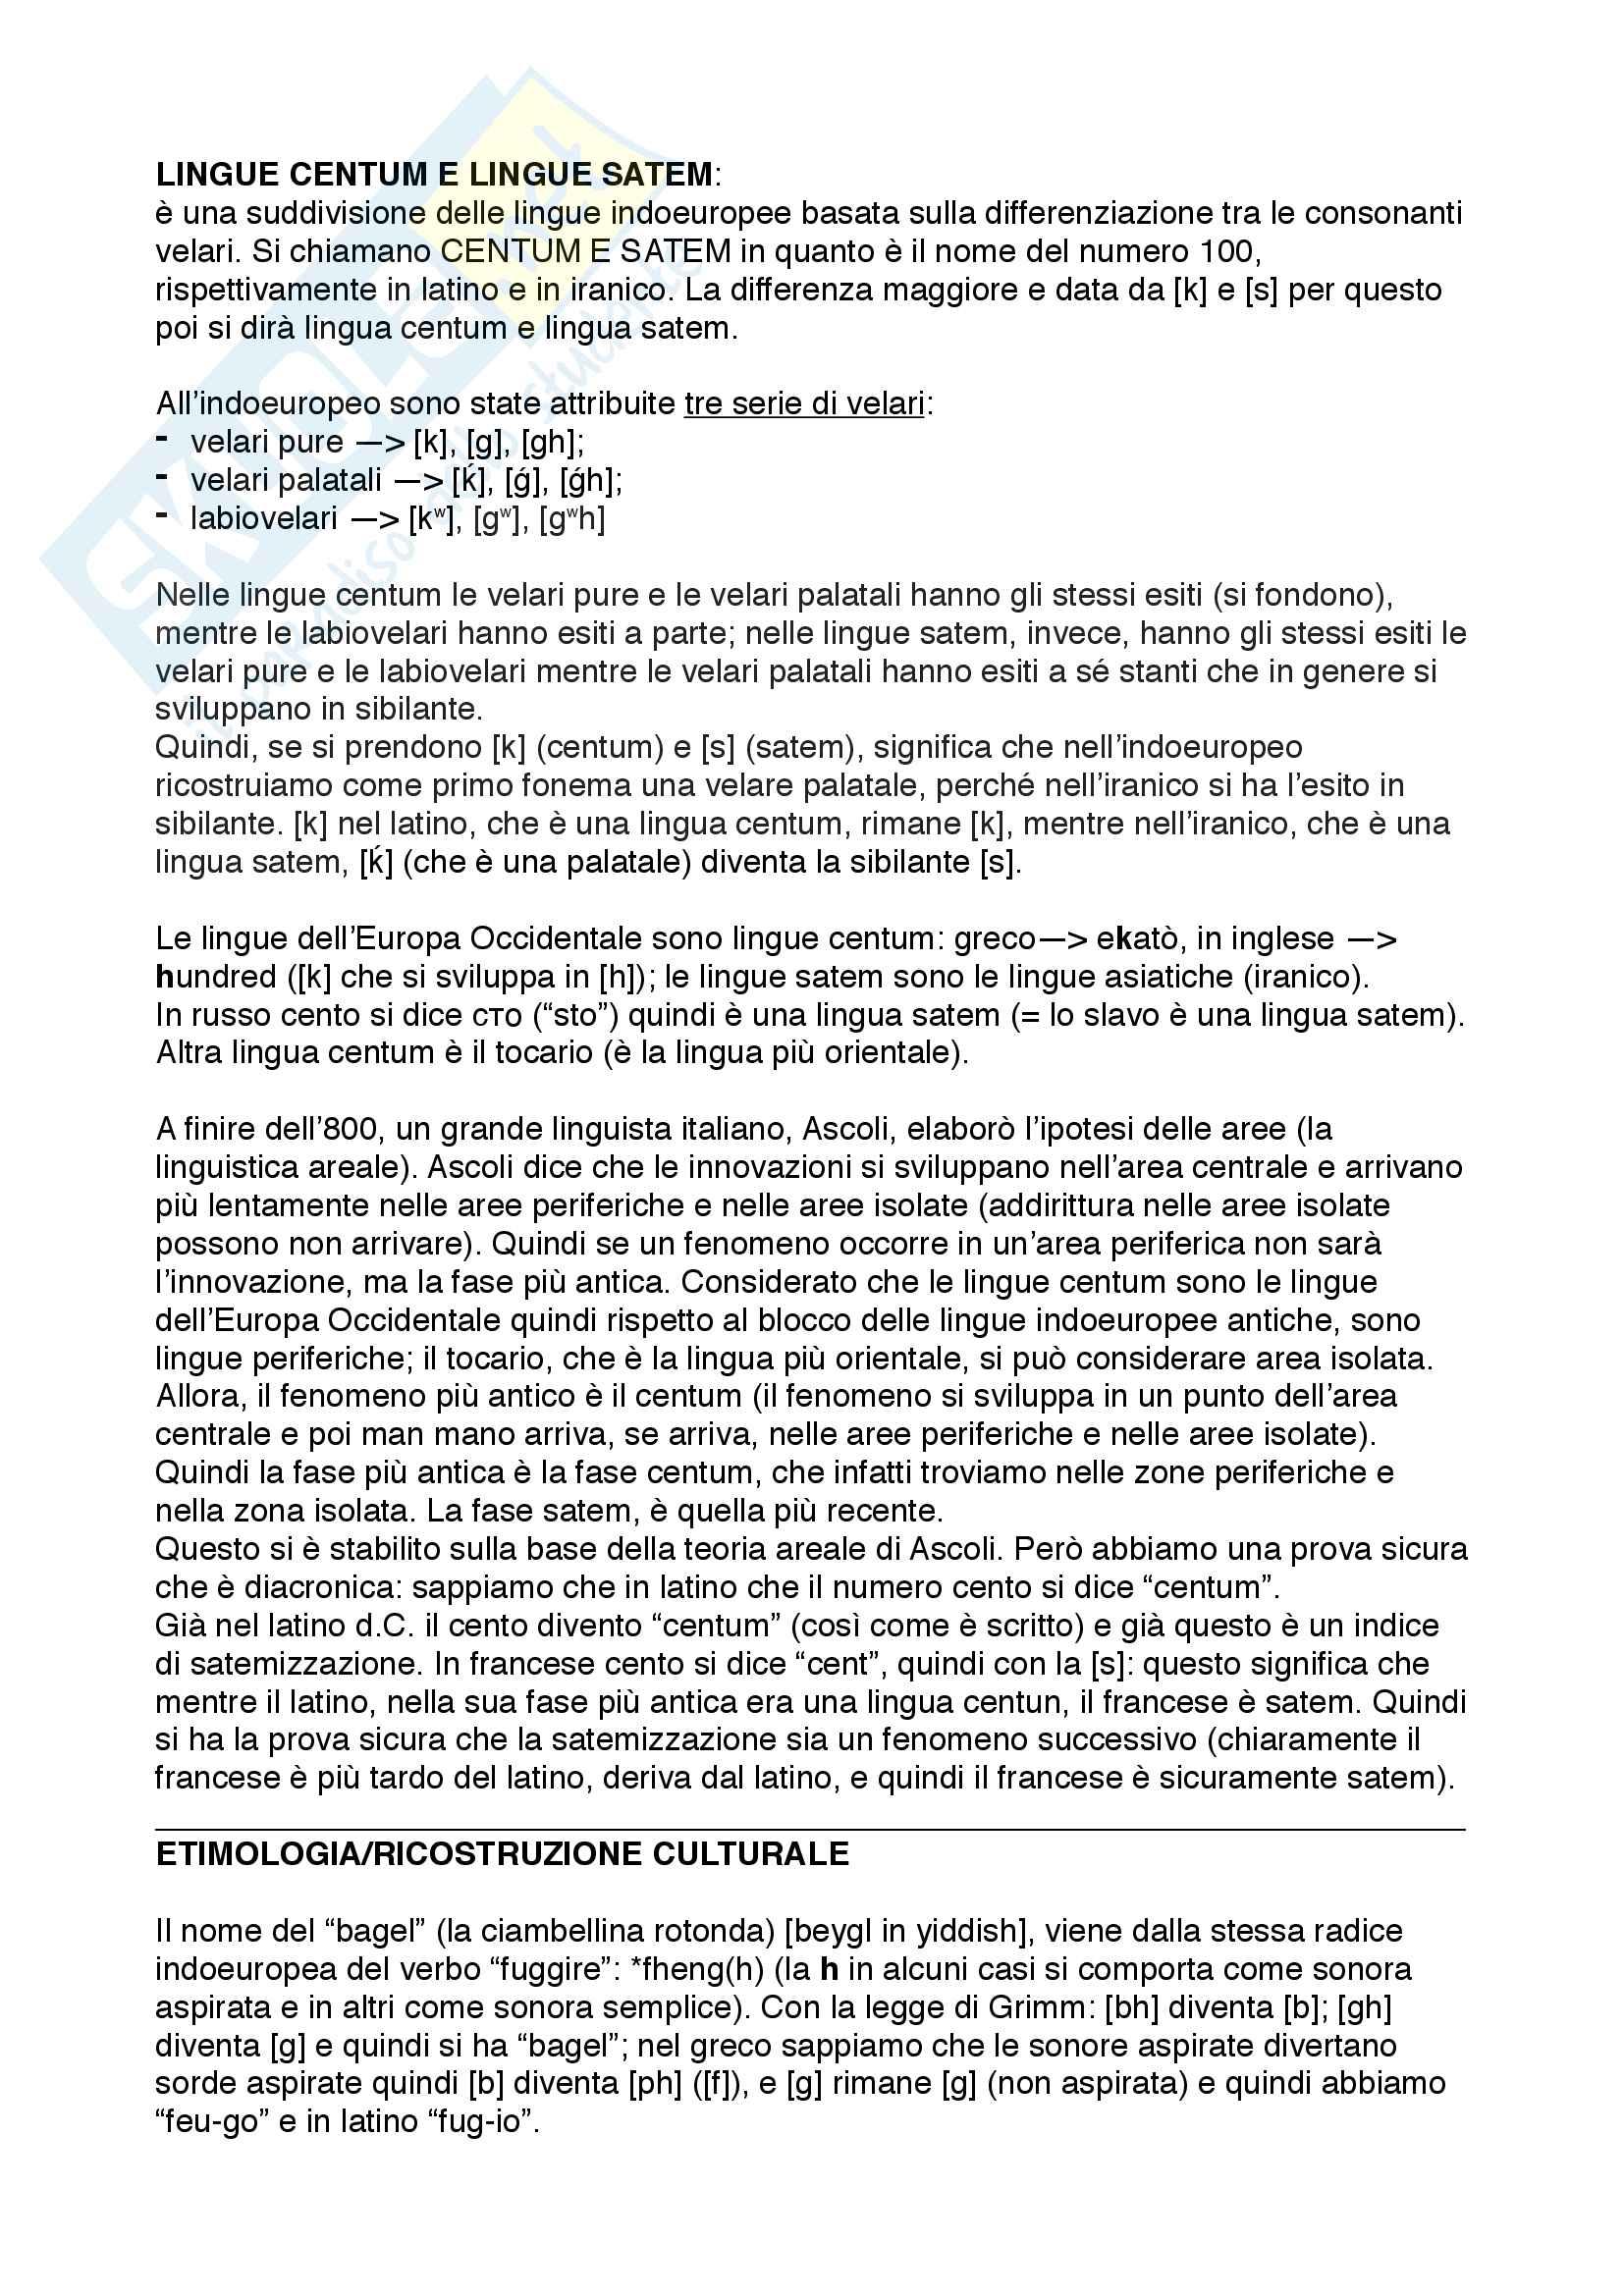 Linguistica Storica 3 - Lingue centum e satem + ricostruzioni culturali